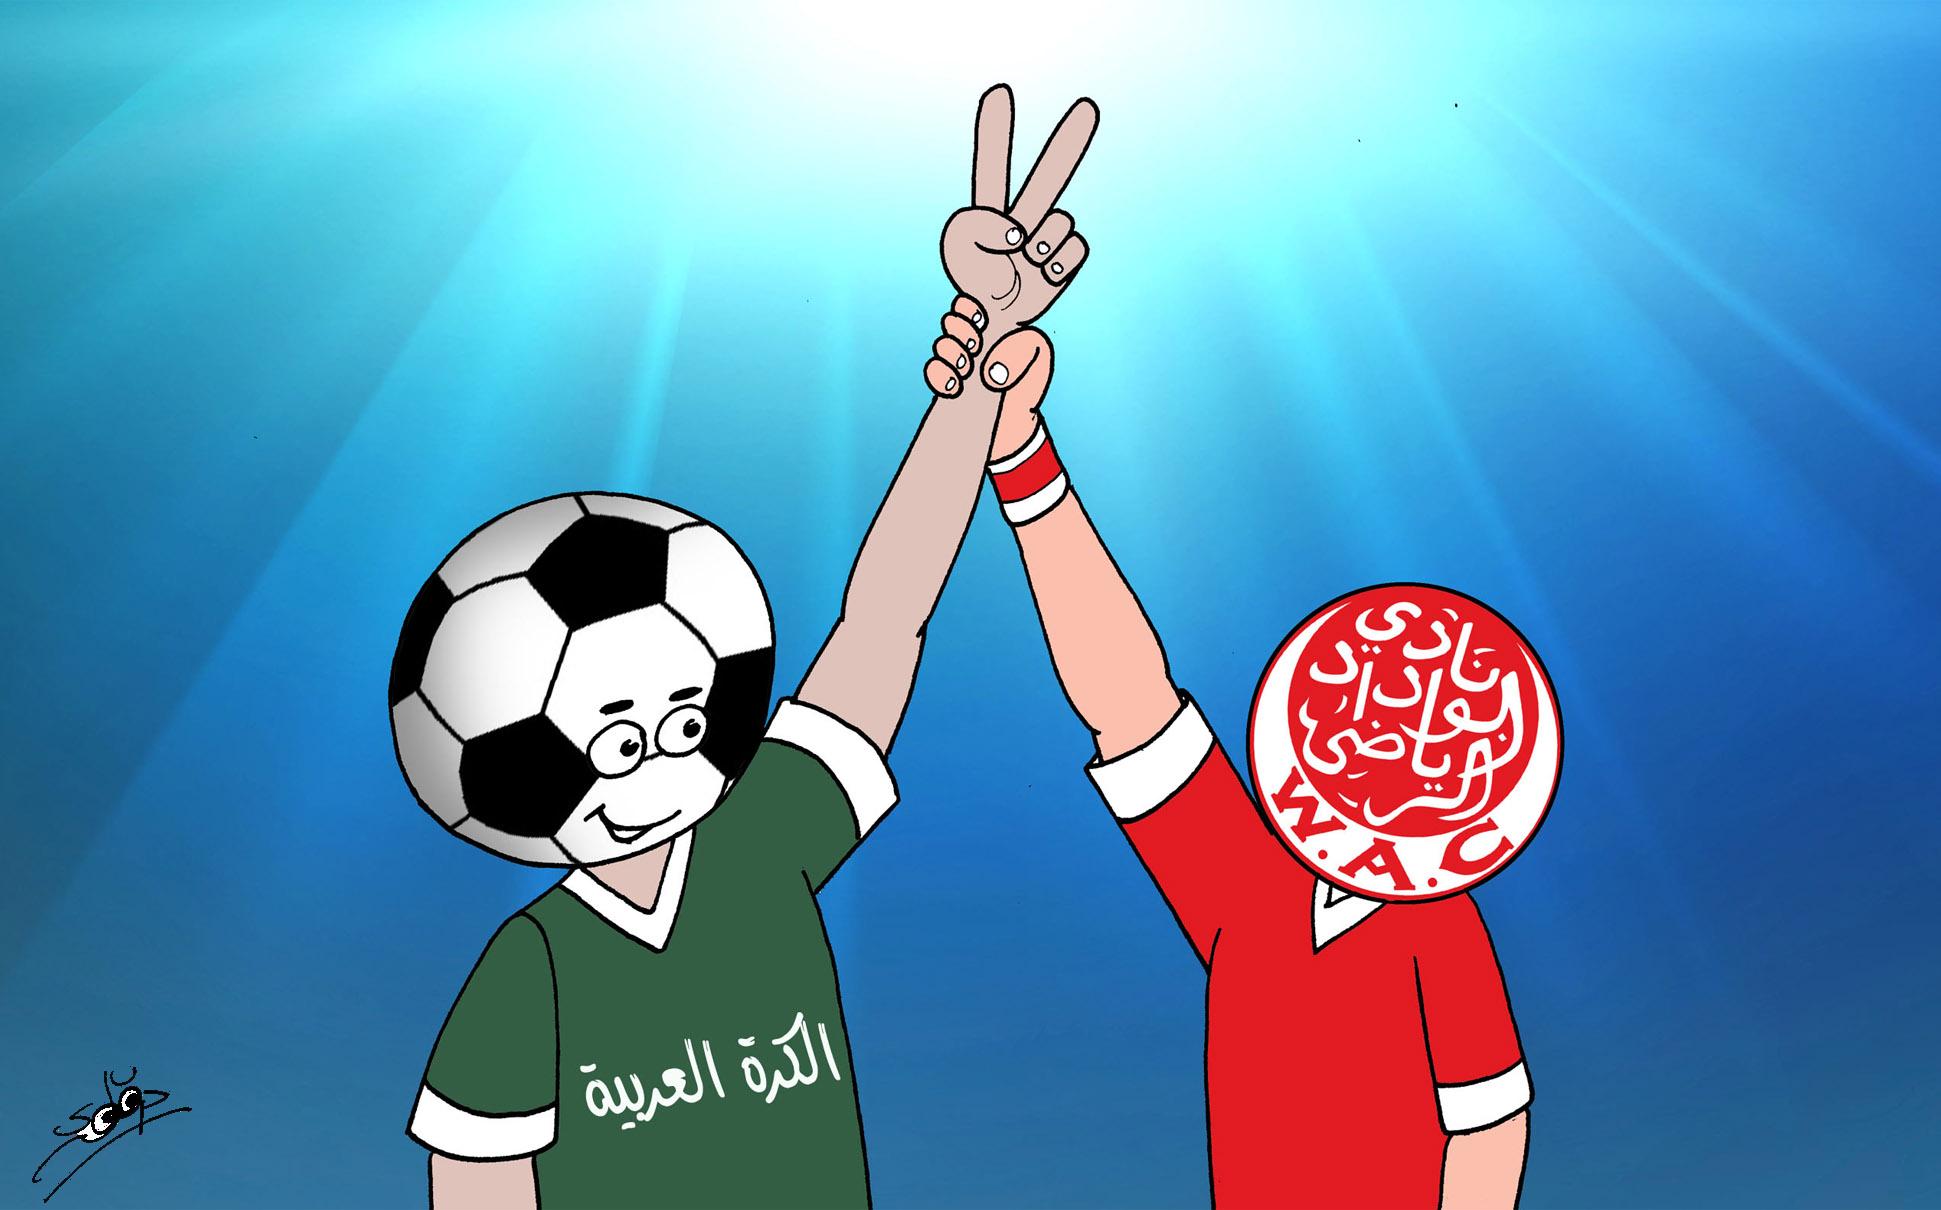 فوز الوداد البيضاوي